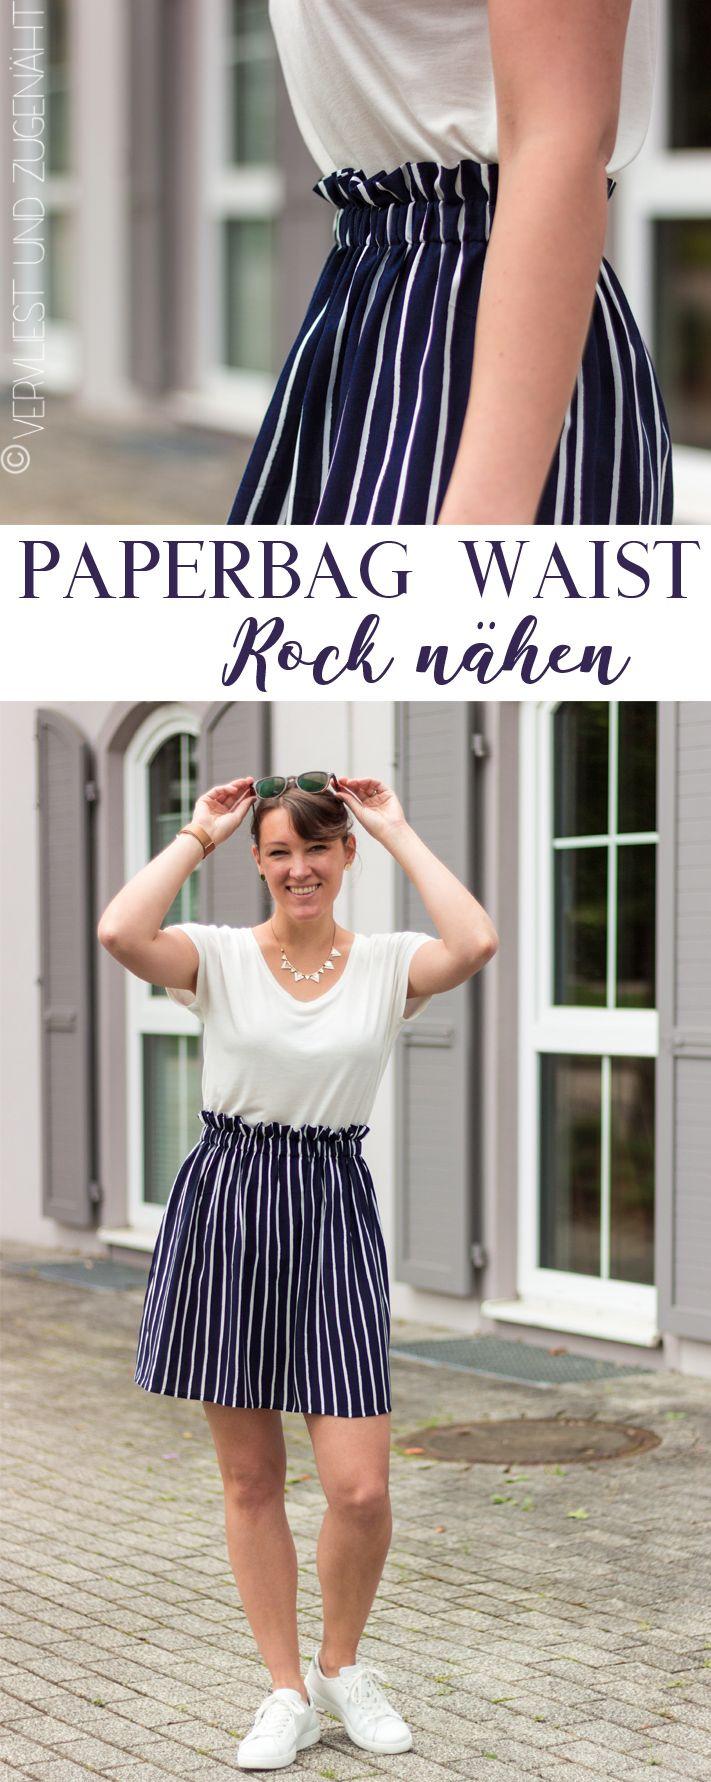 Paperbag Waist Rock nähen